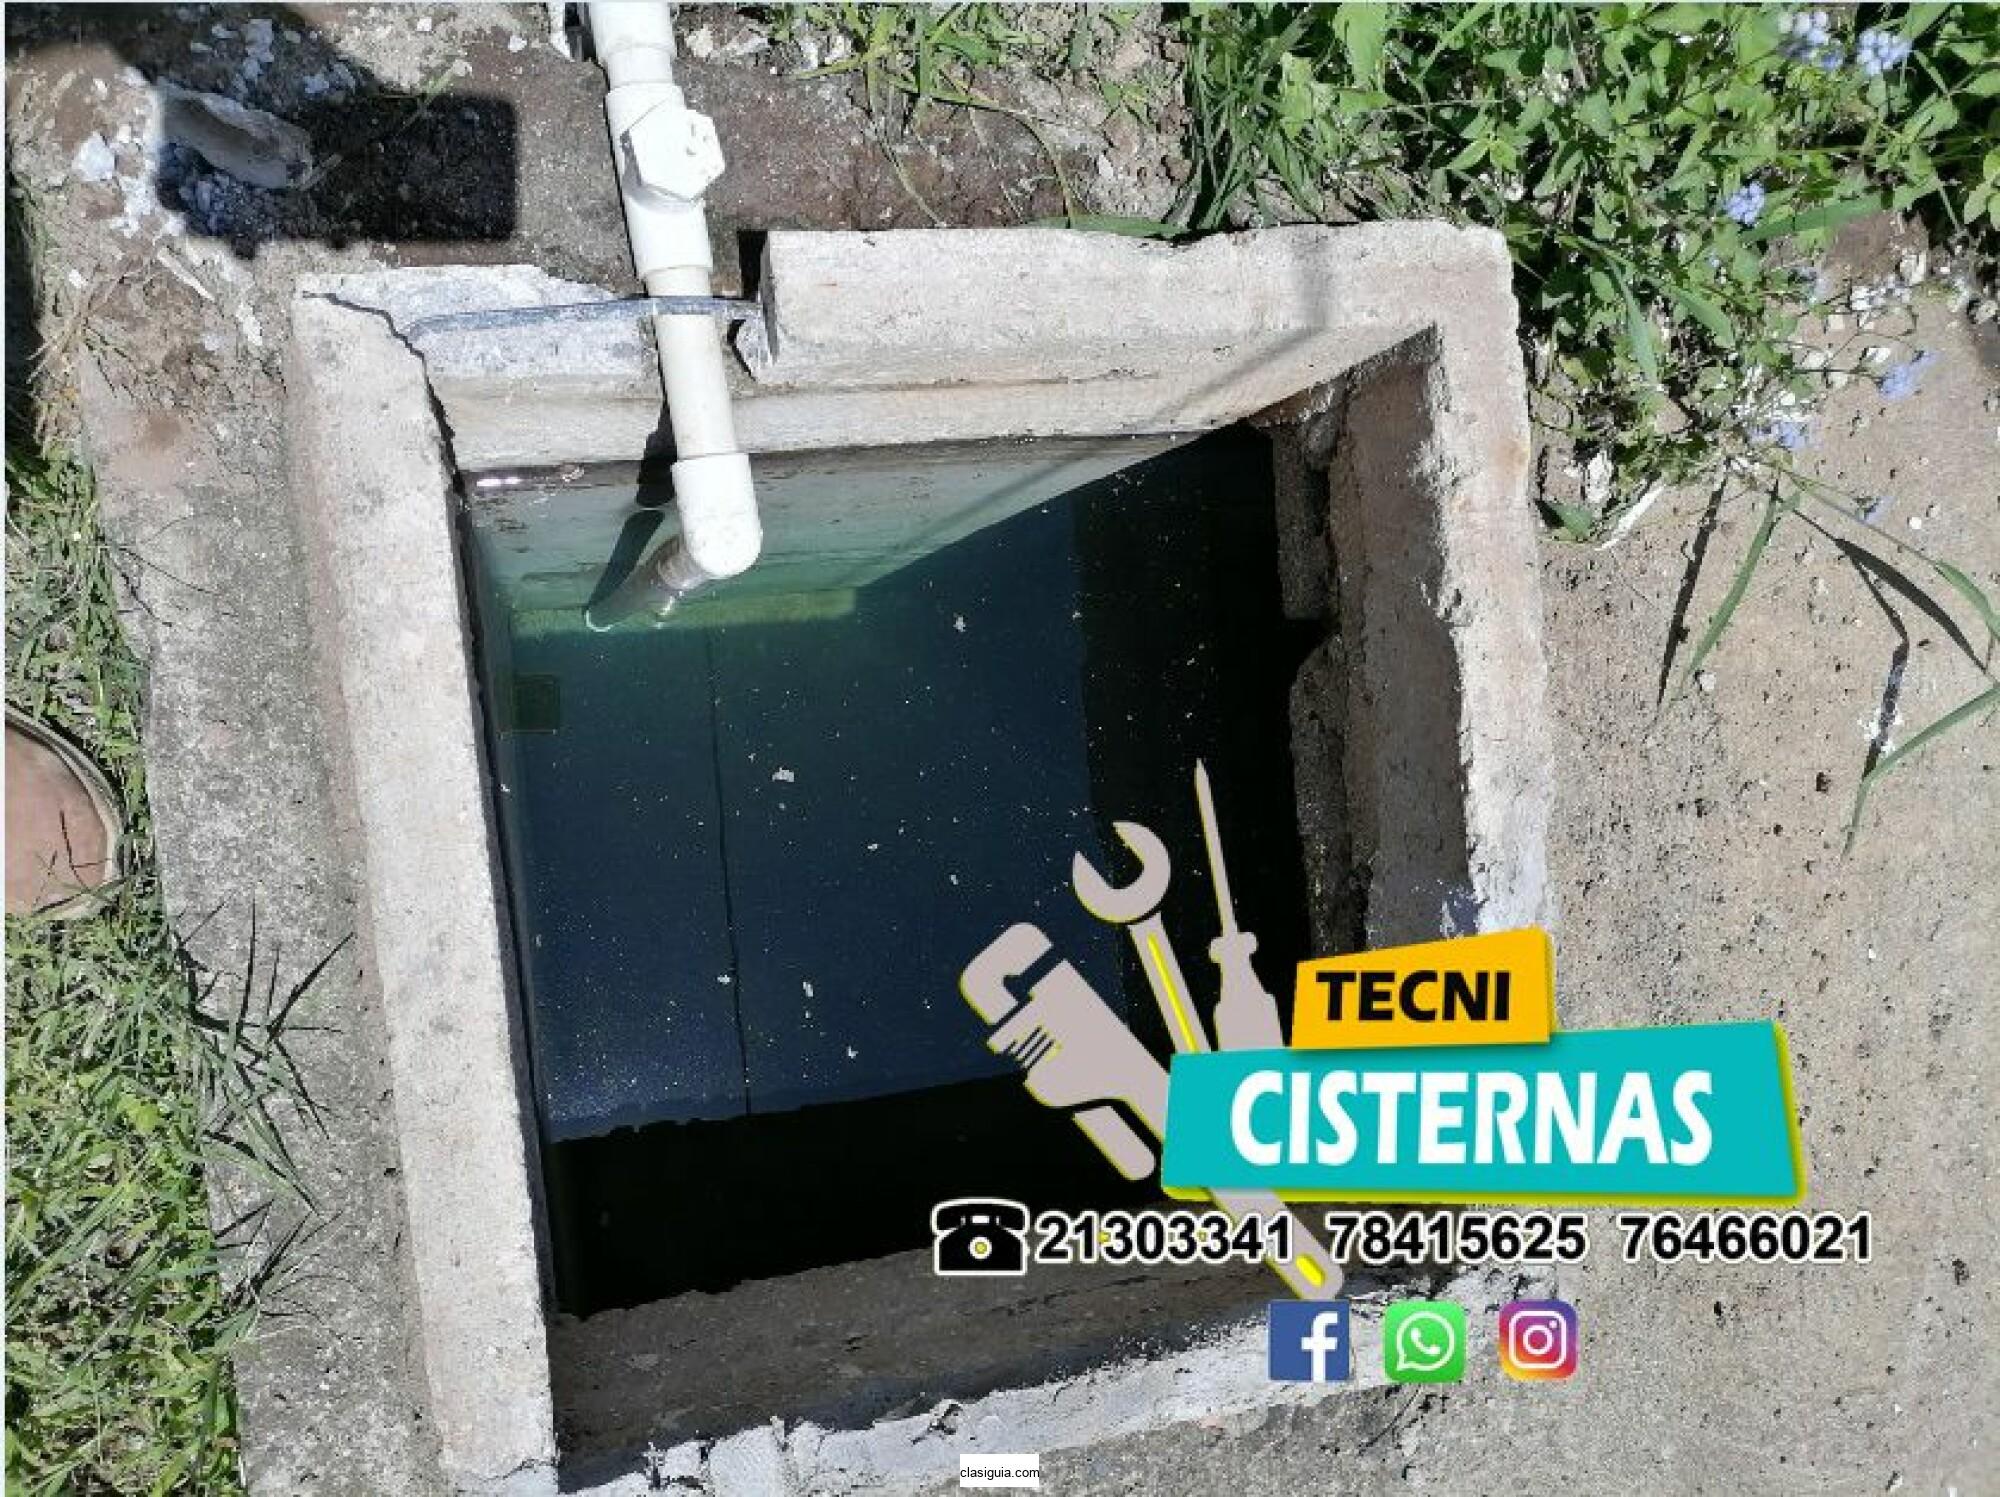 CISTERNAS Reparacion de cisternas y limpieza de cisternas